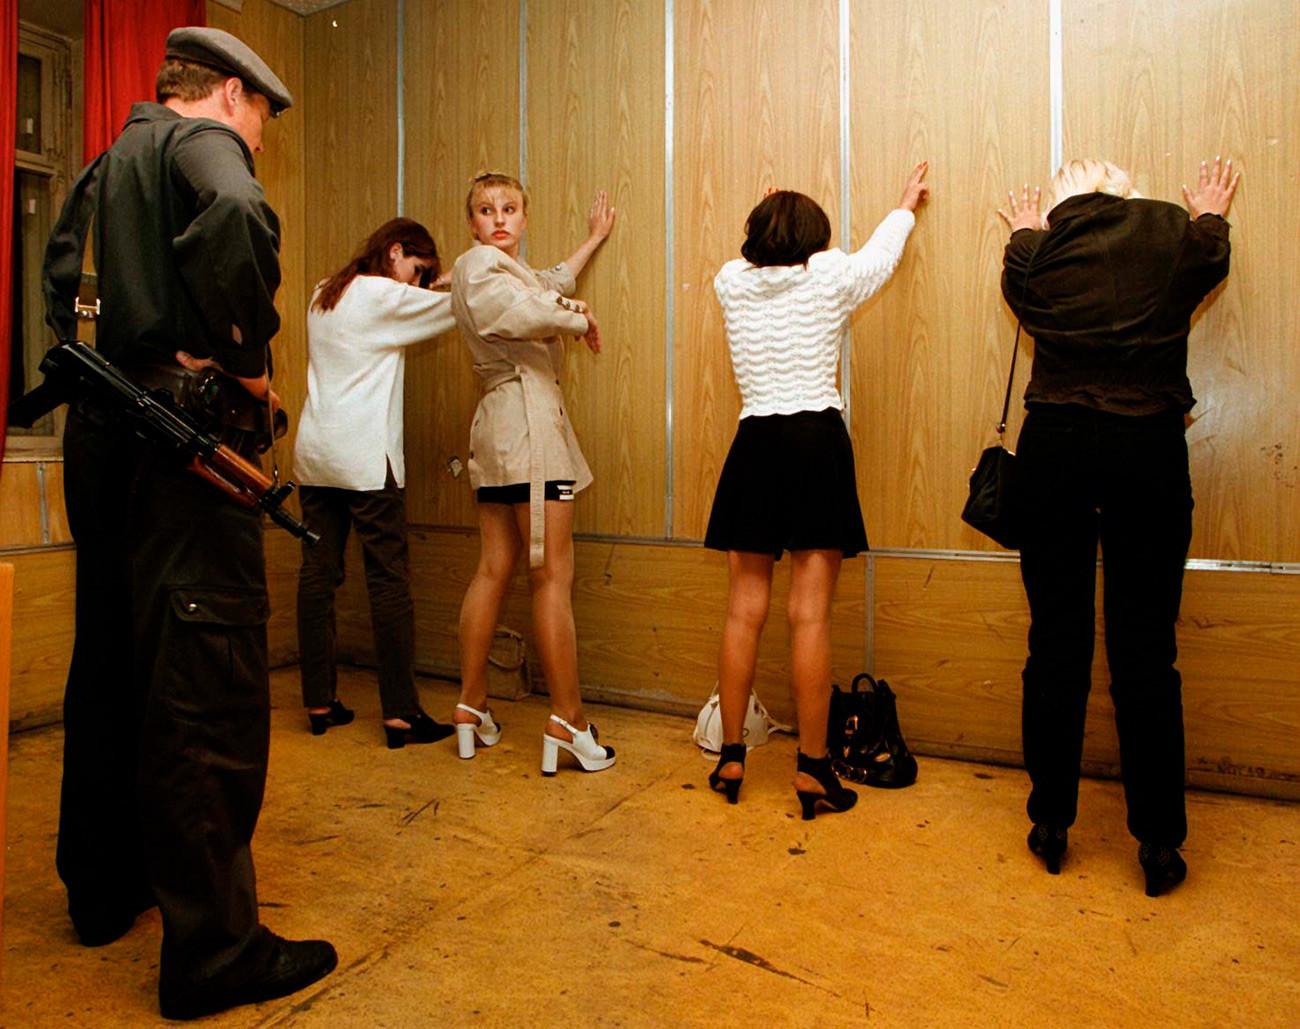 Quatre jeunes femmes arrêtées par la police pour prostitution